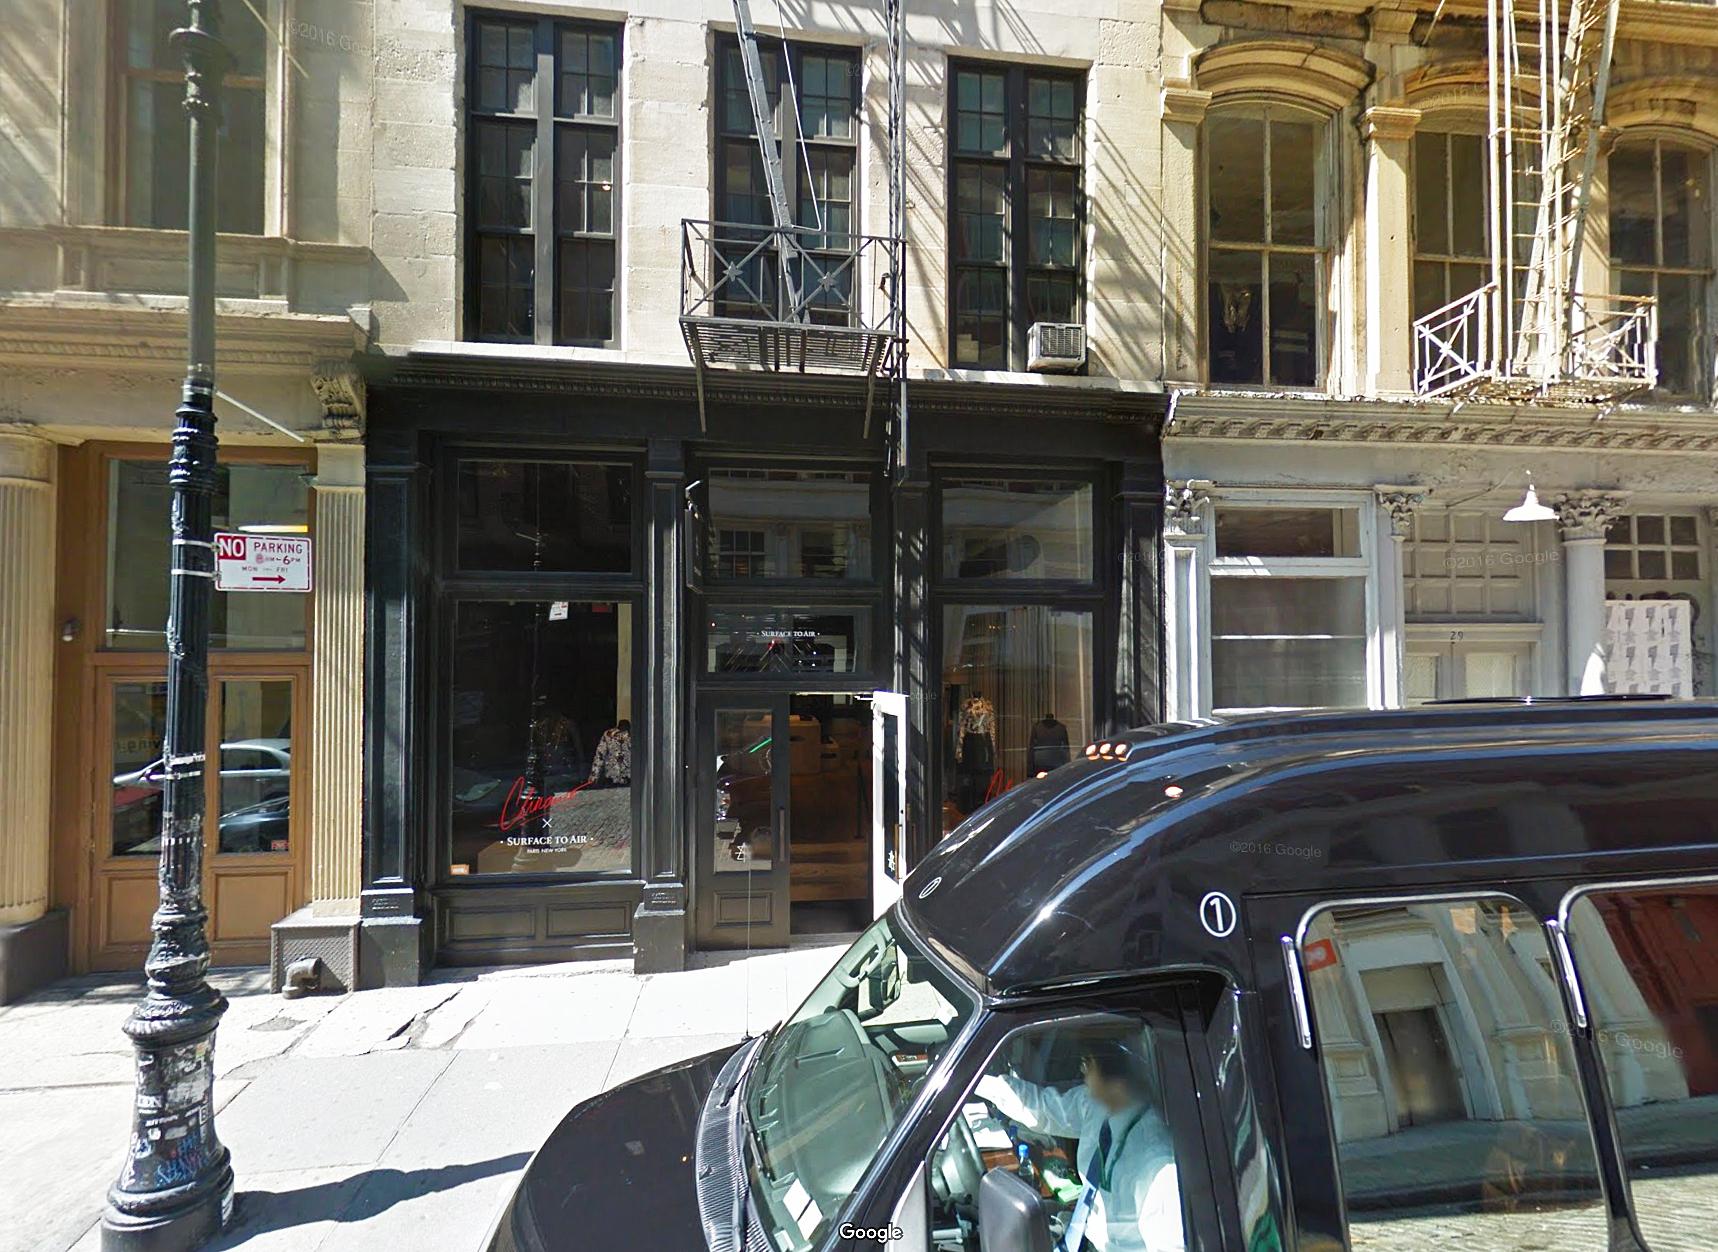 Kylie Jenner's NYC Pop-Up Shop 27 Mercer St